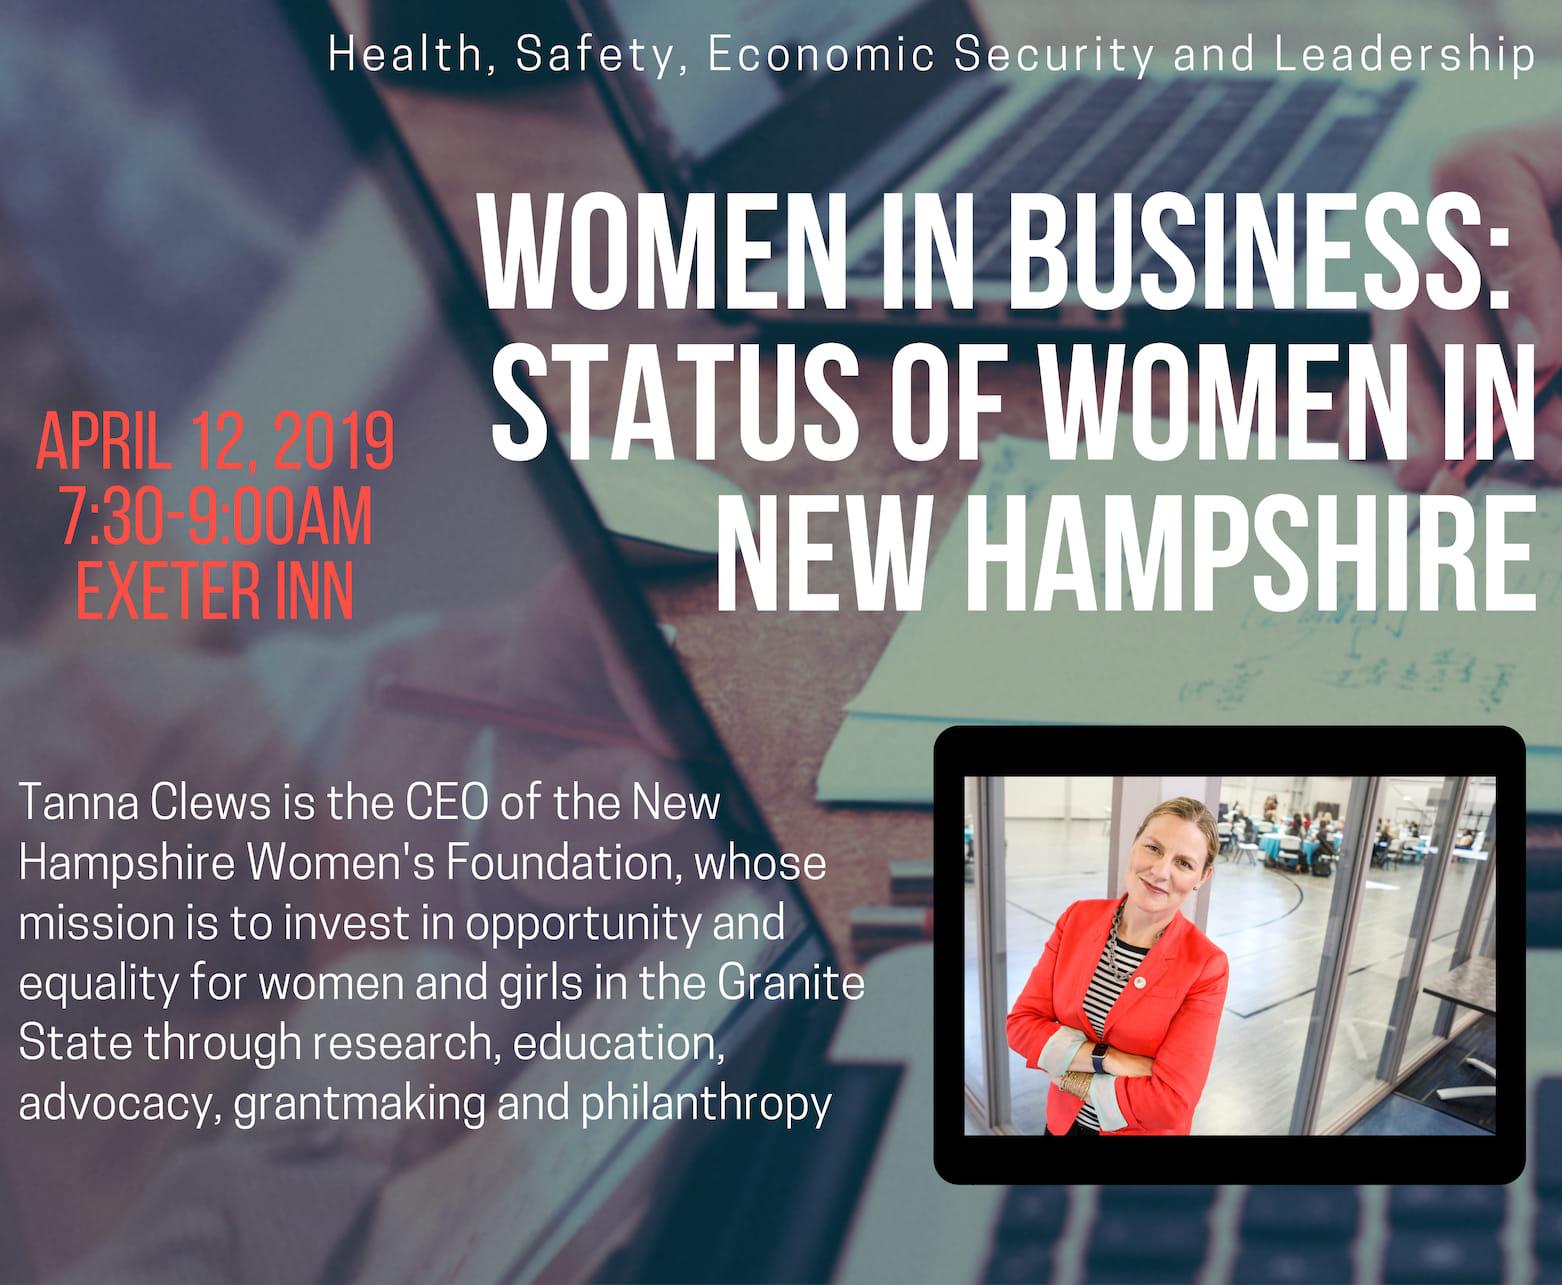 Women-in-Business-w1562.jpg